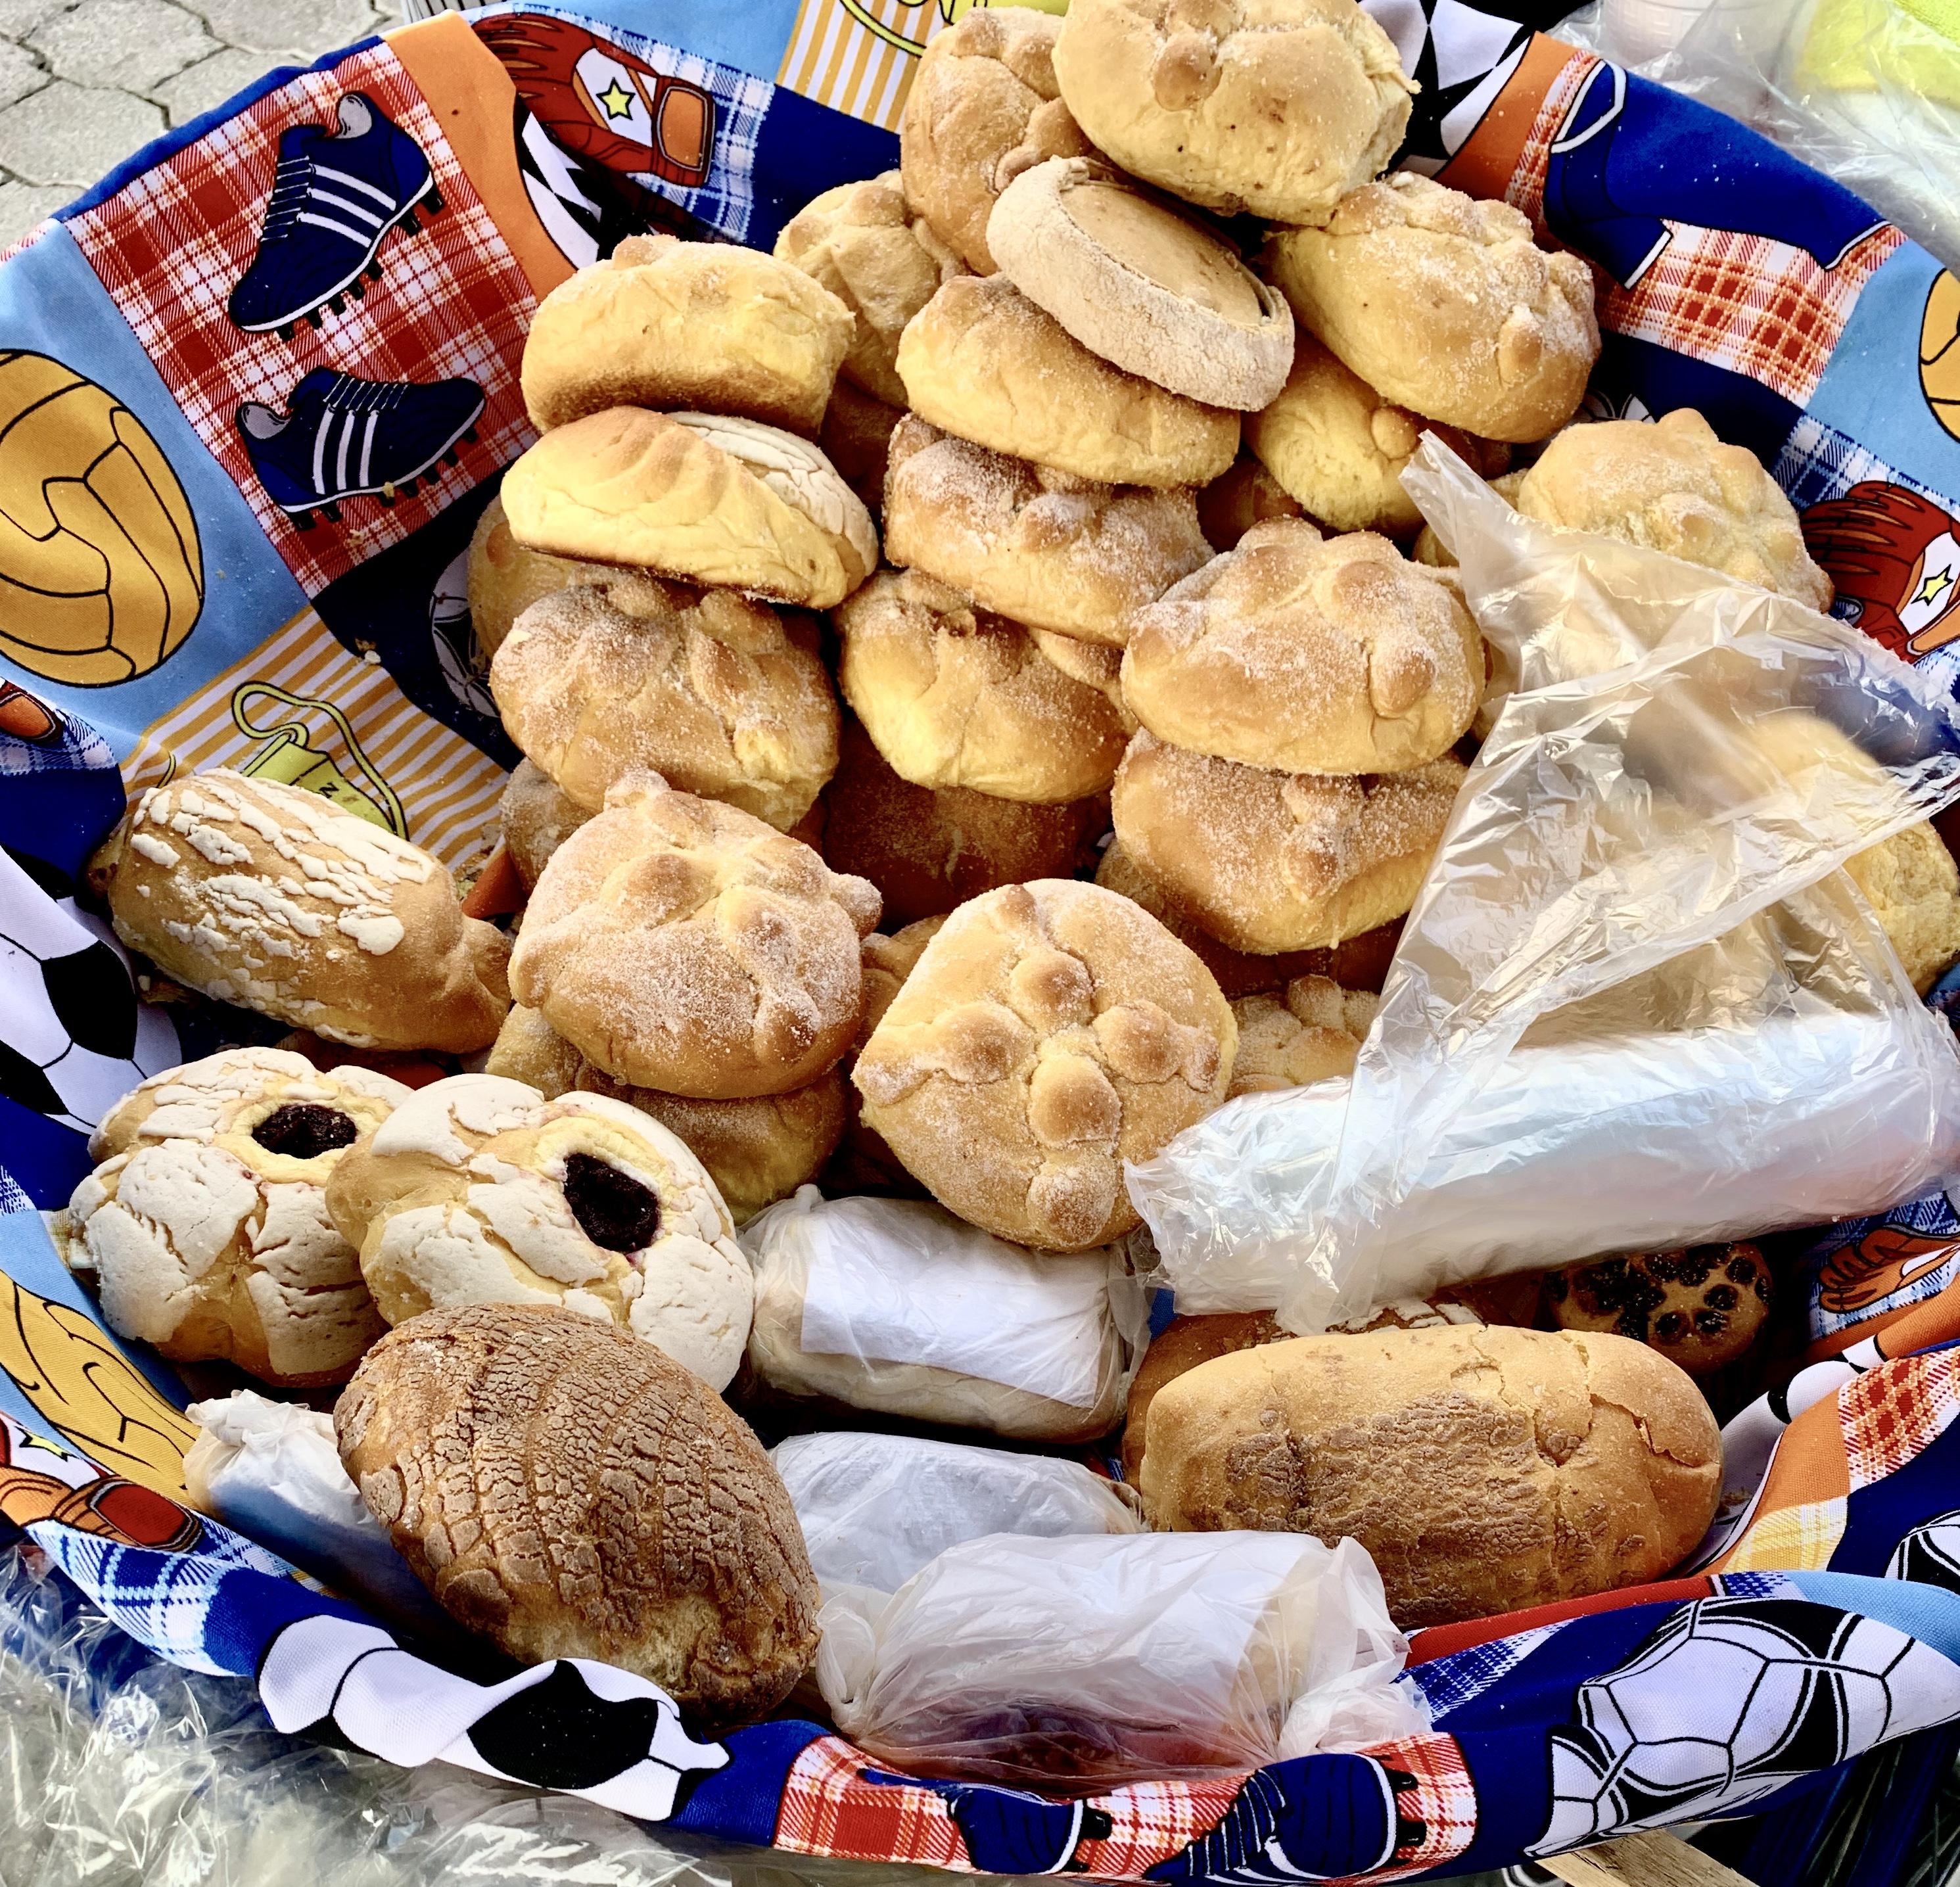 ¿Cuántos panes de trigo puedo comer por la noche?